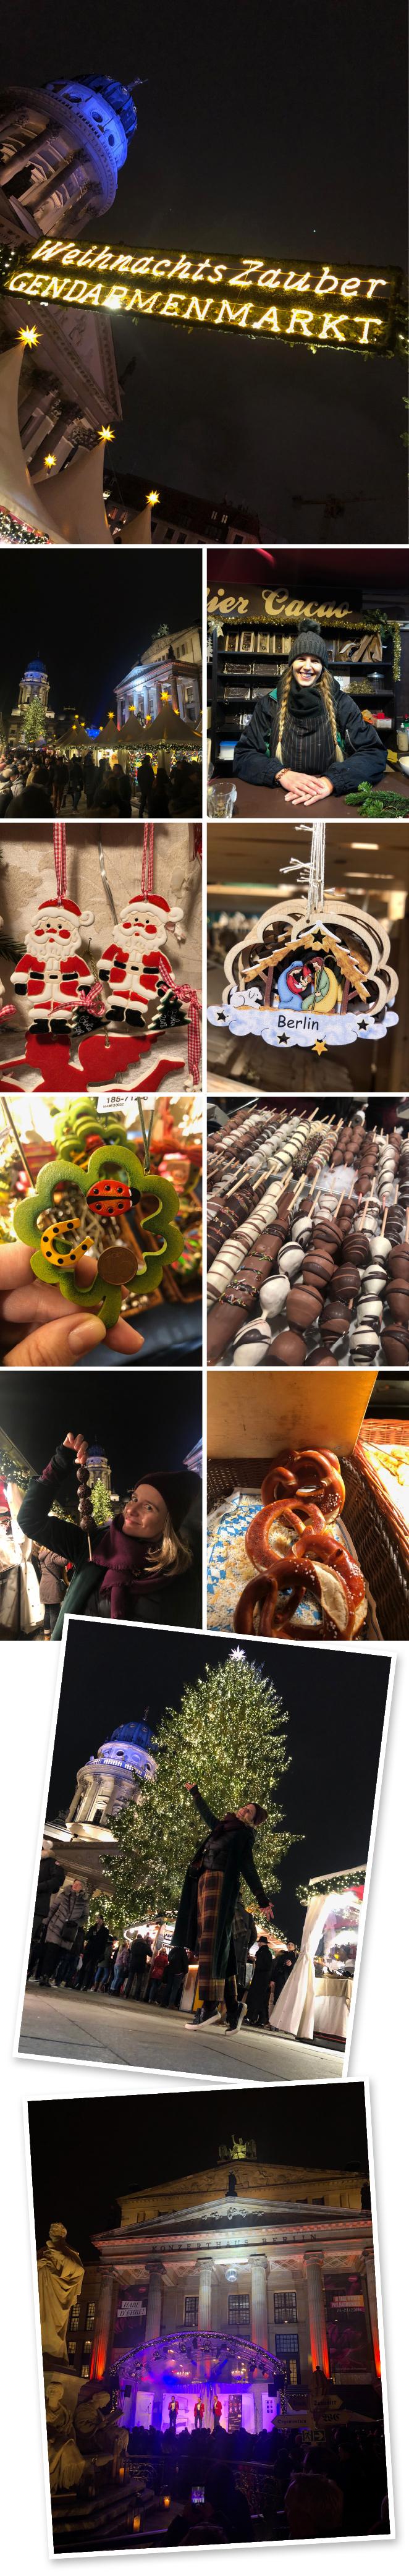 Precisamente en esa plaza se organiza cada Navidad uno de los mercados más populares de la ciudad y allí me fui para descubrirlo. La cantidad de gente que había concentrada en ese lugar hacía casi imposible el poder moverte relajadamente por sus callejuelas pero, aún así, me encantó descubrir sus puestecitos de comida típica (muero por los pretzels y las fresas con chocolate) y de productos de artesanía (por cierto, carísimos), además de los conciertos en vivo de música navideña que había de manera continua y que amenizaban el entorno. Gastronomía, Música, Artesanía y Navidad, una mezcla con mucha magia.